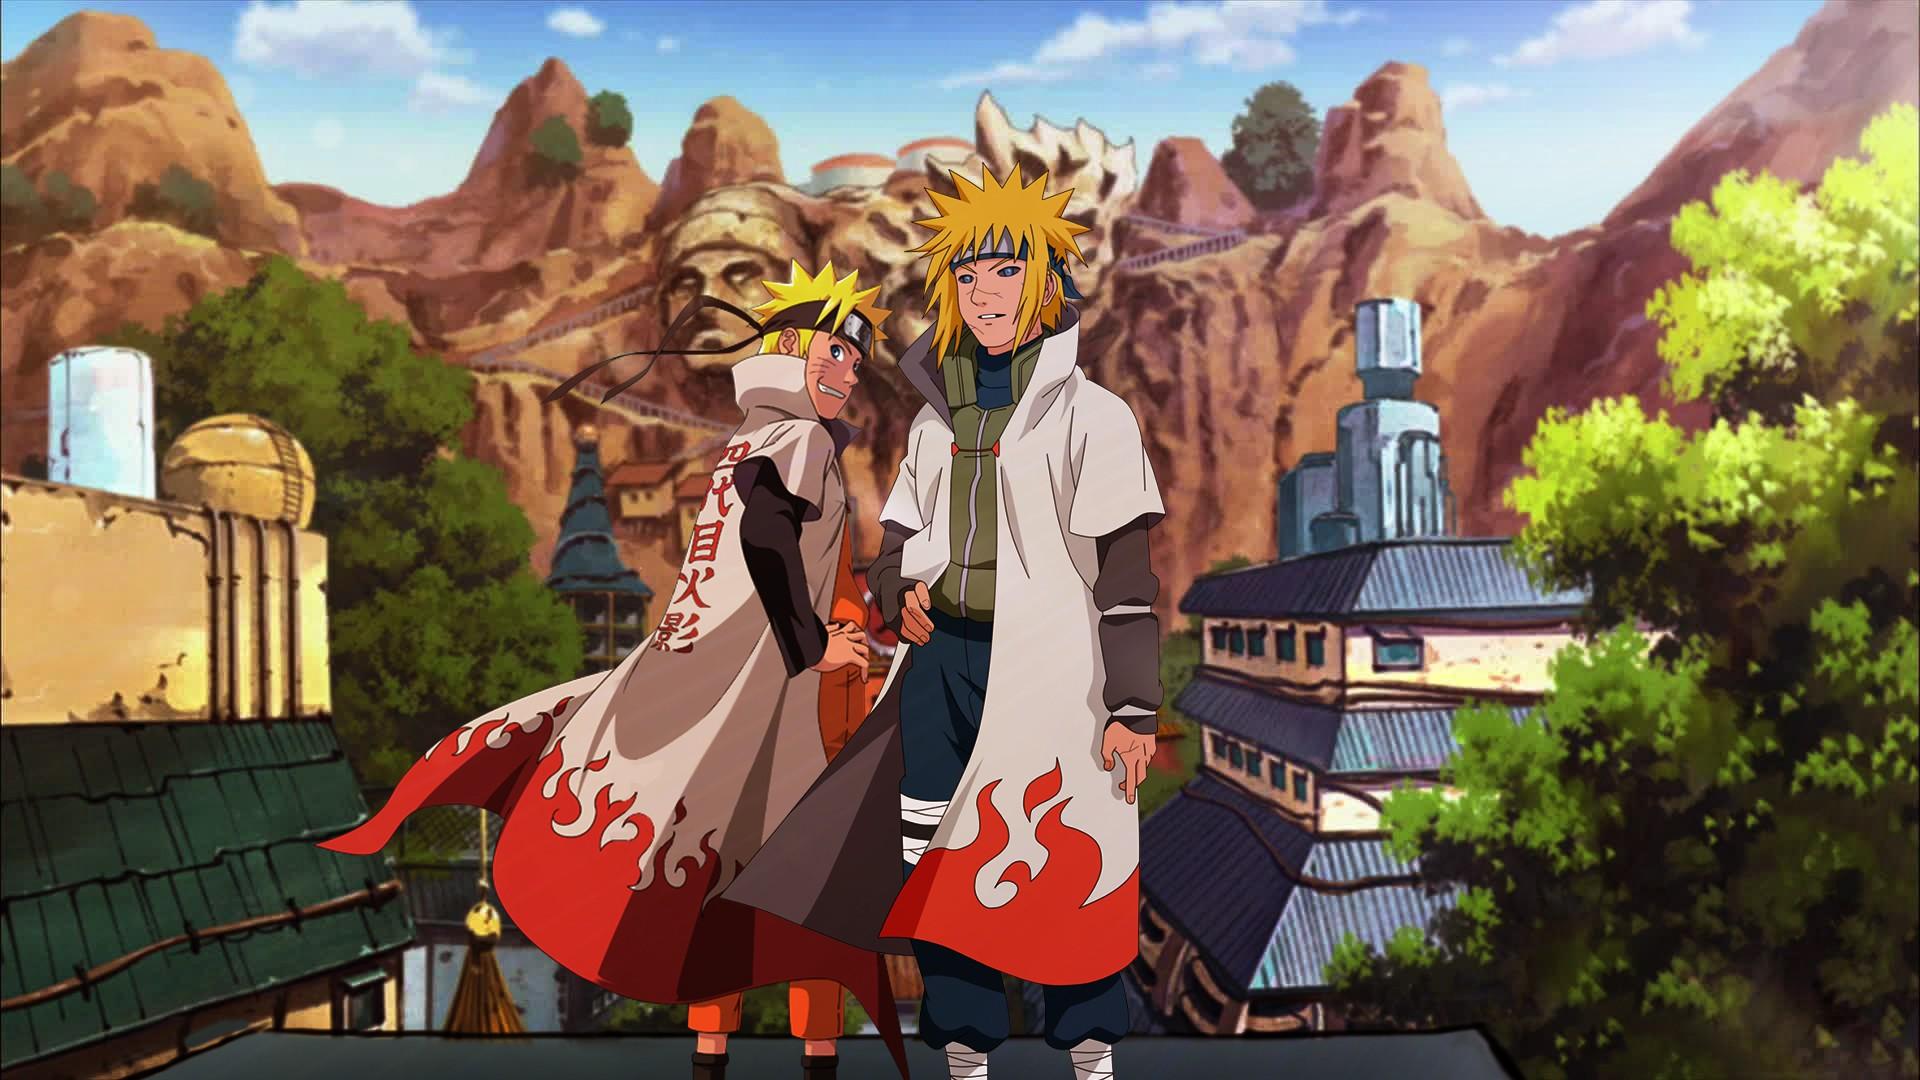 Fondos De Pantalla Anime Naruto Shippuuden Uzumaki